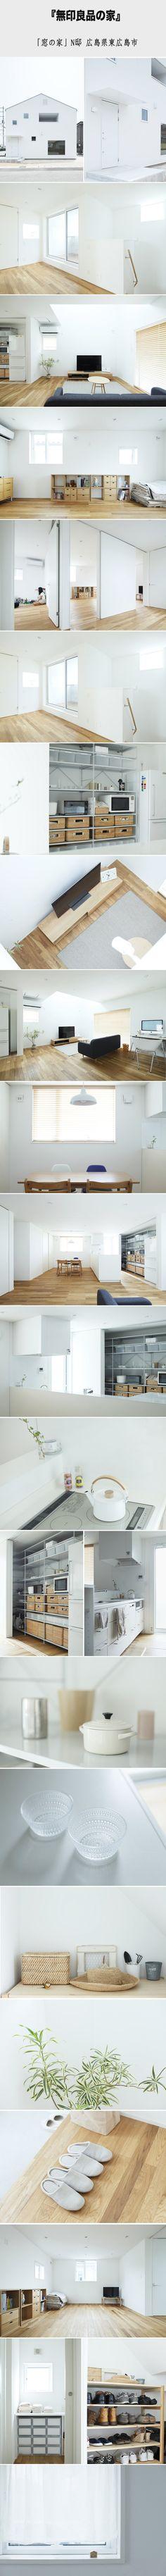 『無印良品の家』——「窓の家」N邸 位于日本広島県東広島市 建筑面积:109.30平方 更多图片:http://www.douban.com/photos/album/105011925/--「上形」SHANGXING是一个创立于2012年的独立家具品牌。「上形」的作品包括家具、家居用品、皮革制品,及与家有关的物品。微博:http://weibo.com/shangxingfurniture